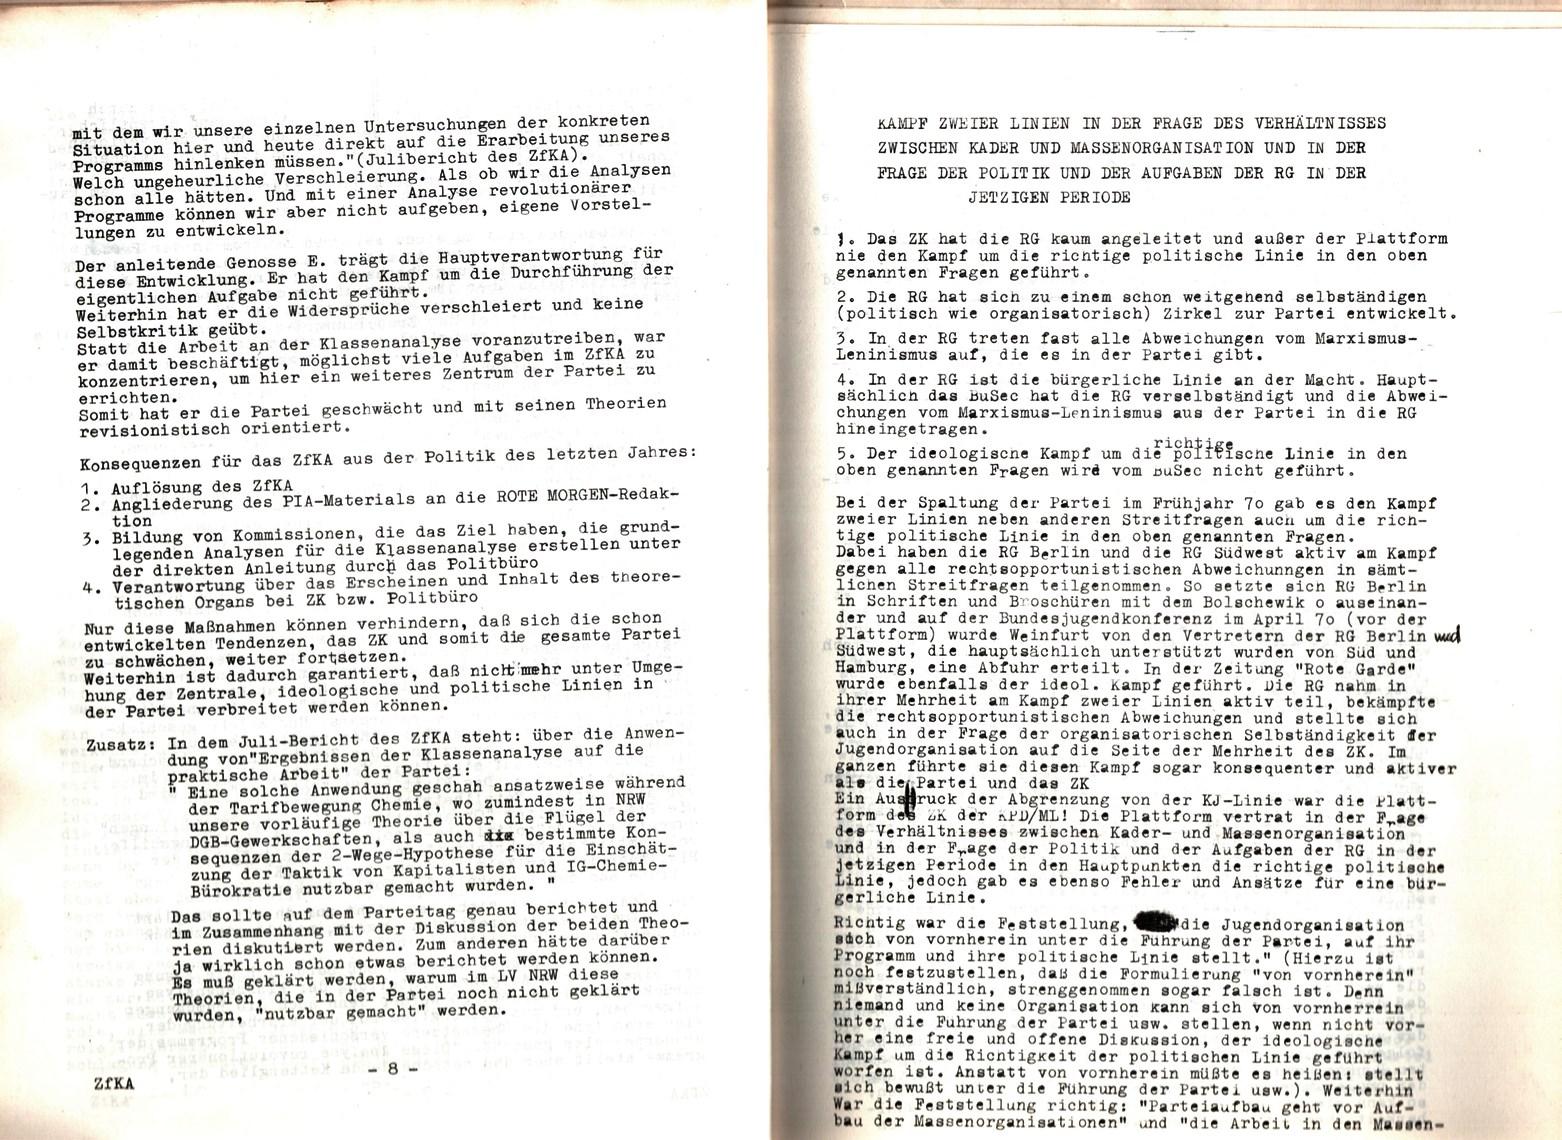 KPDML_1971_Analysen_und_Antraege_des_LV_Sued_West_037